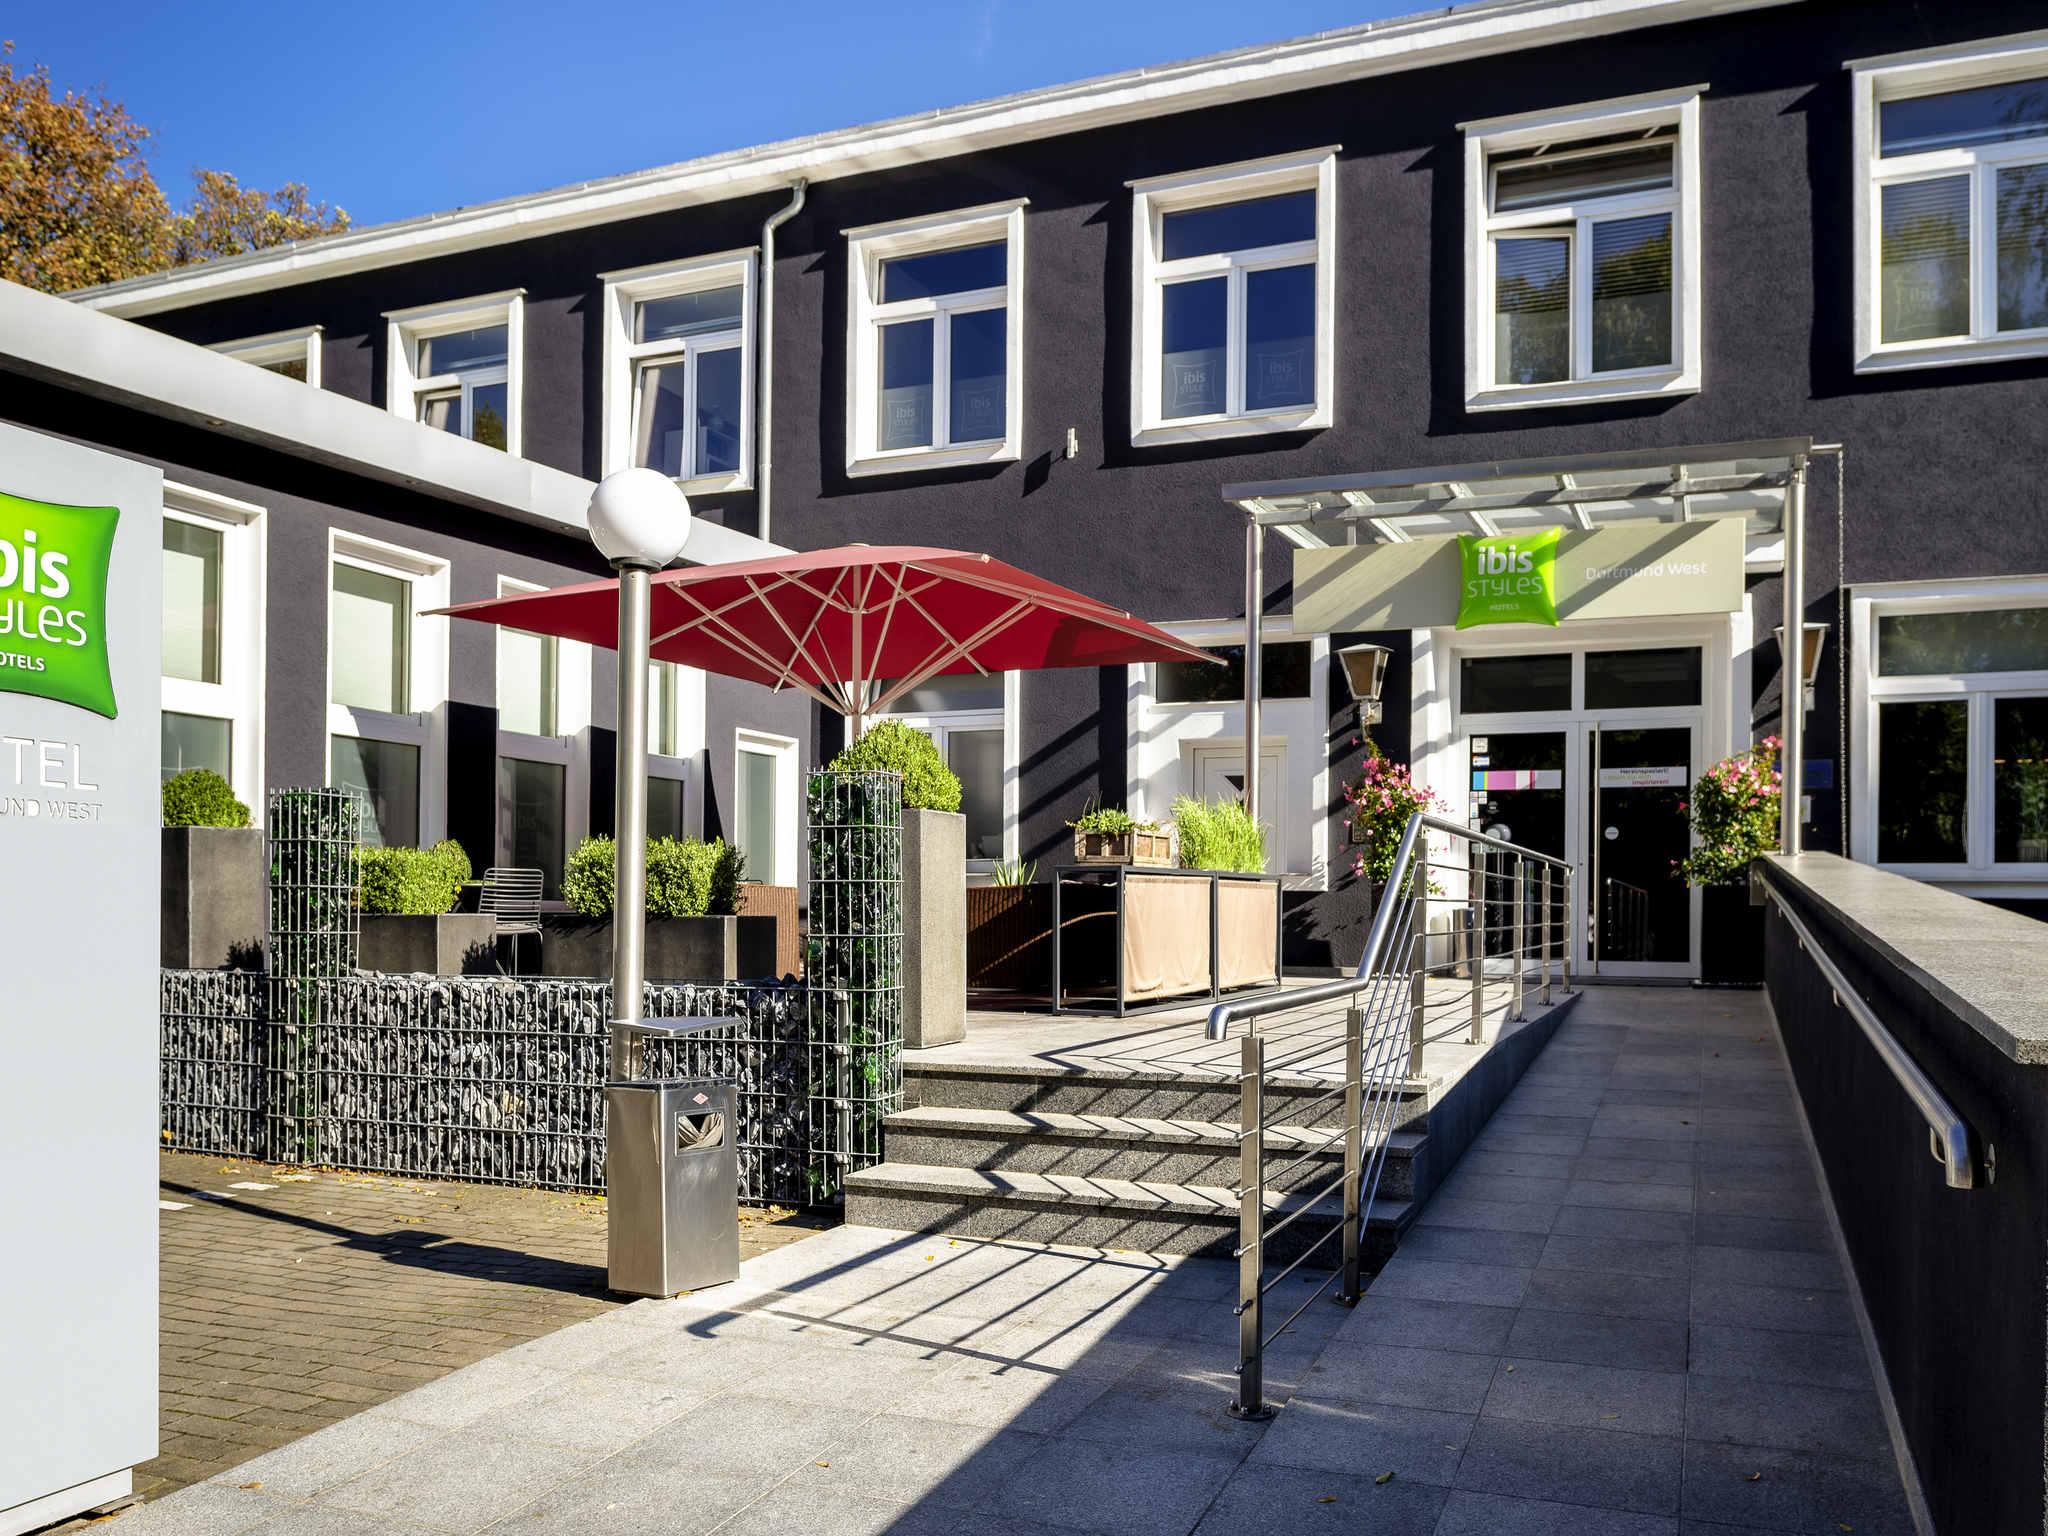 Hotel Ibis West Dortmund